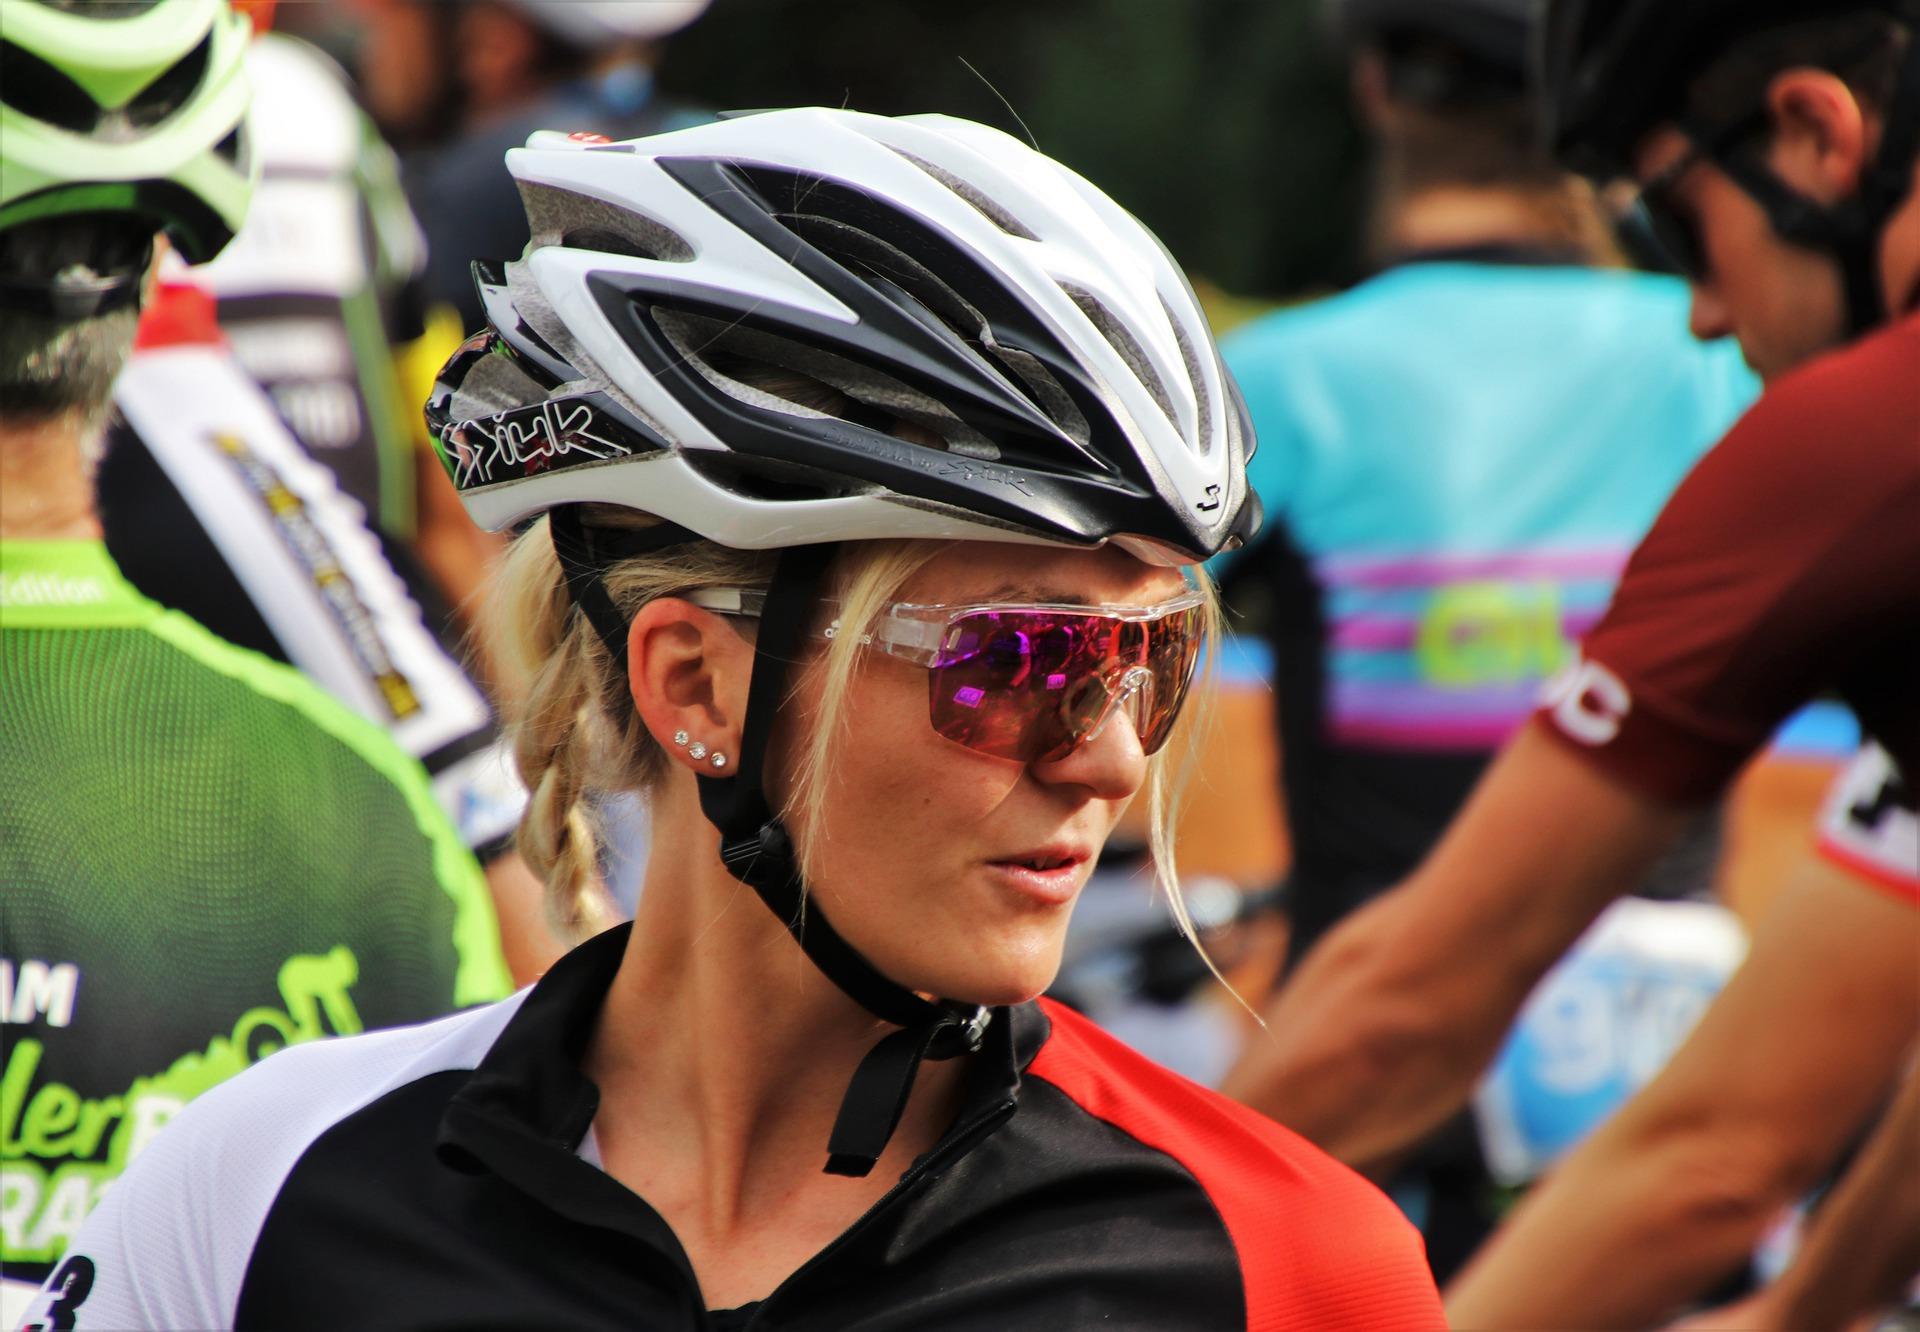 Vyrazte v lete na bicykel